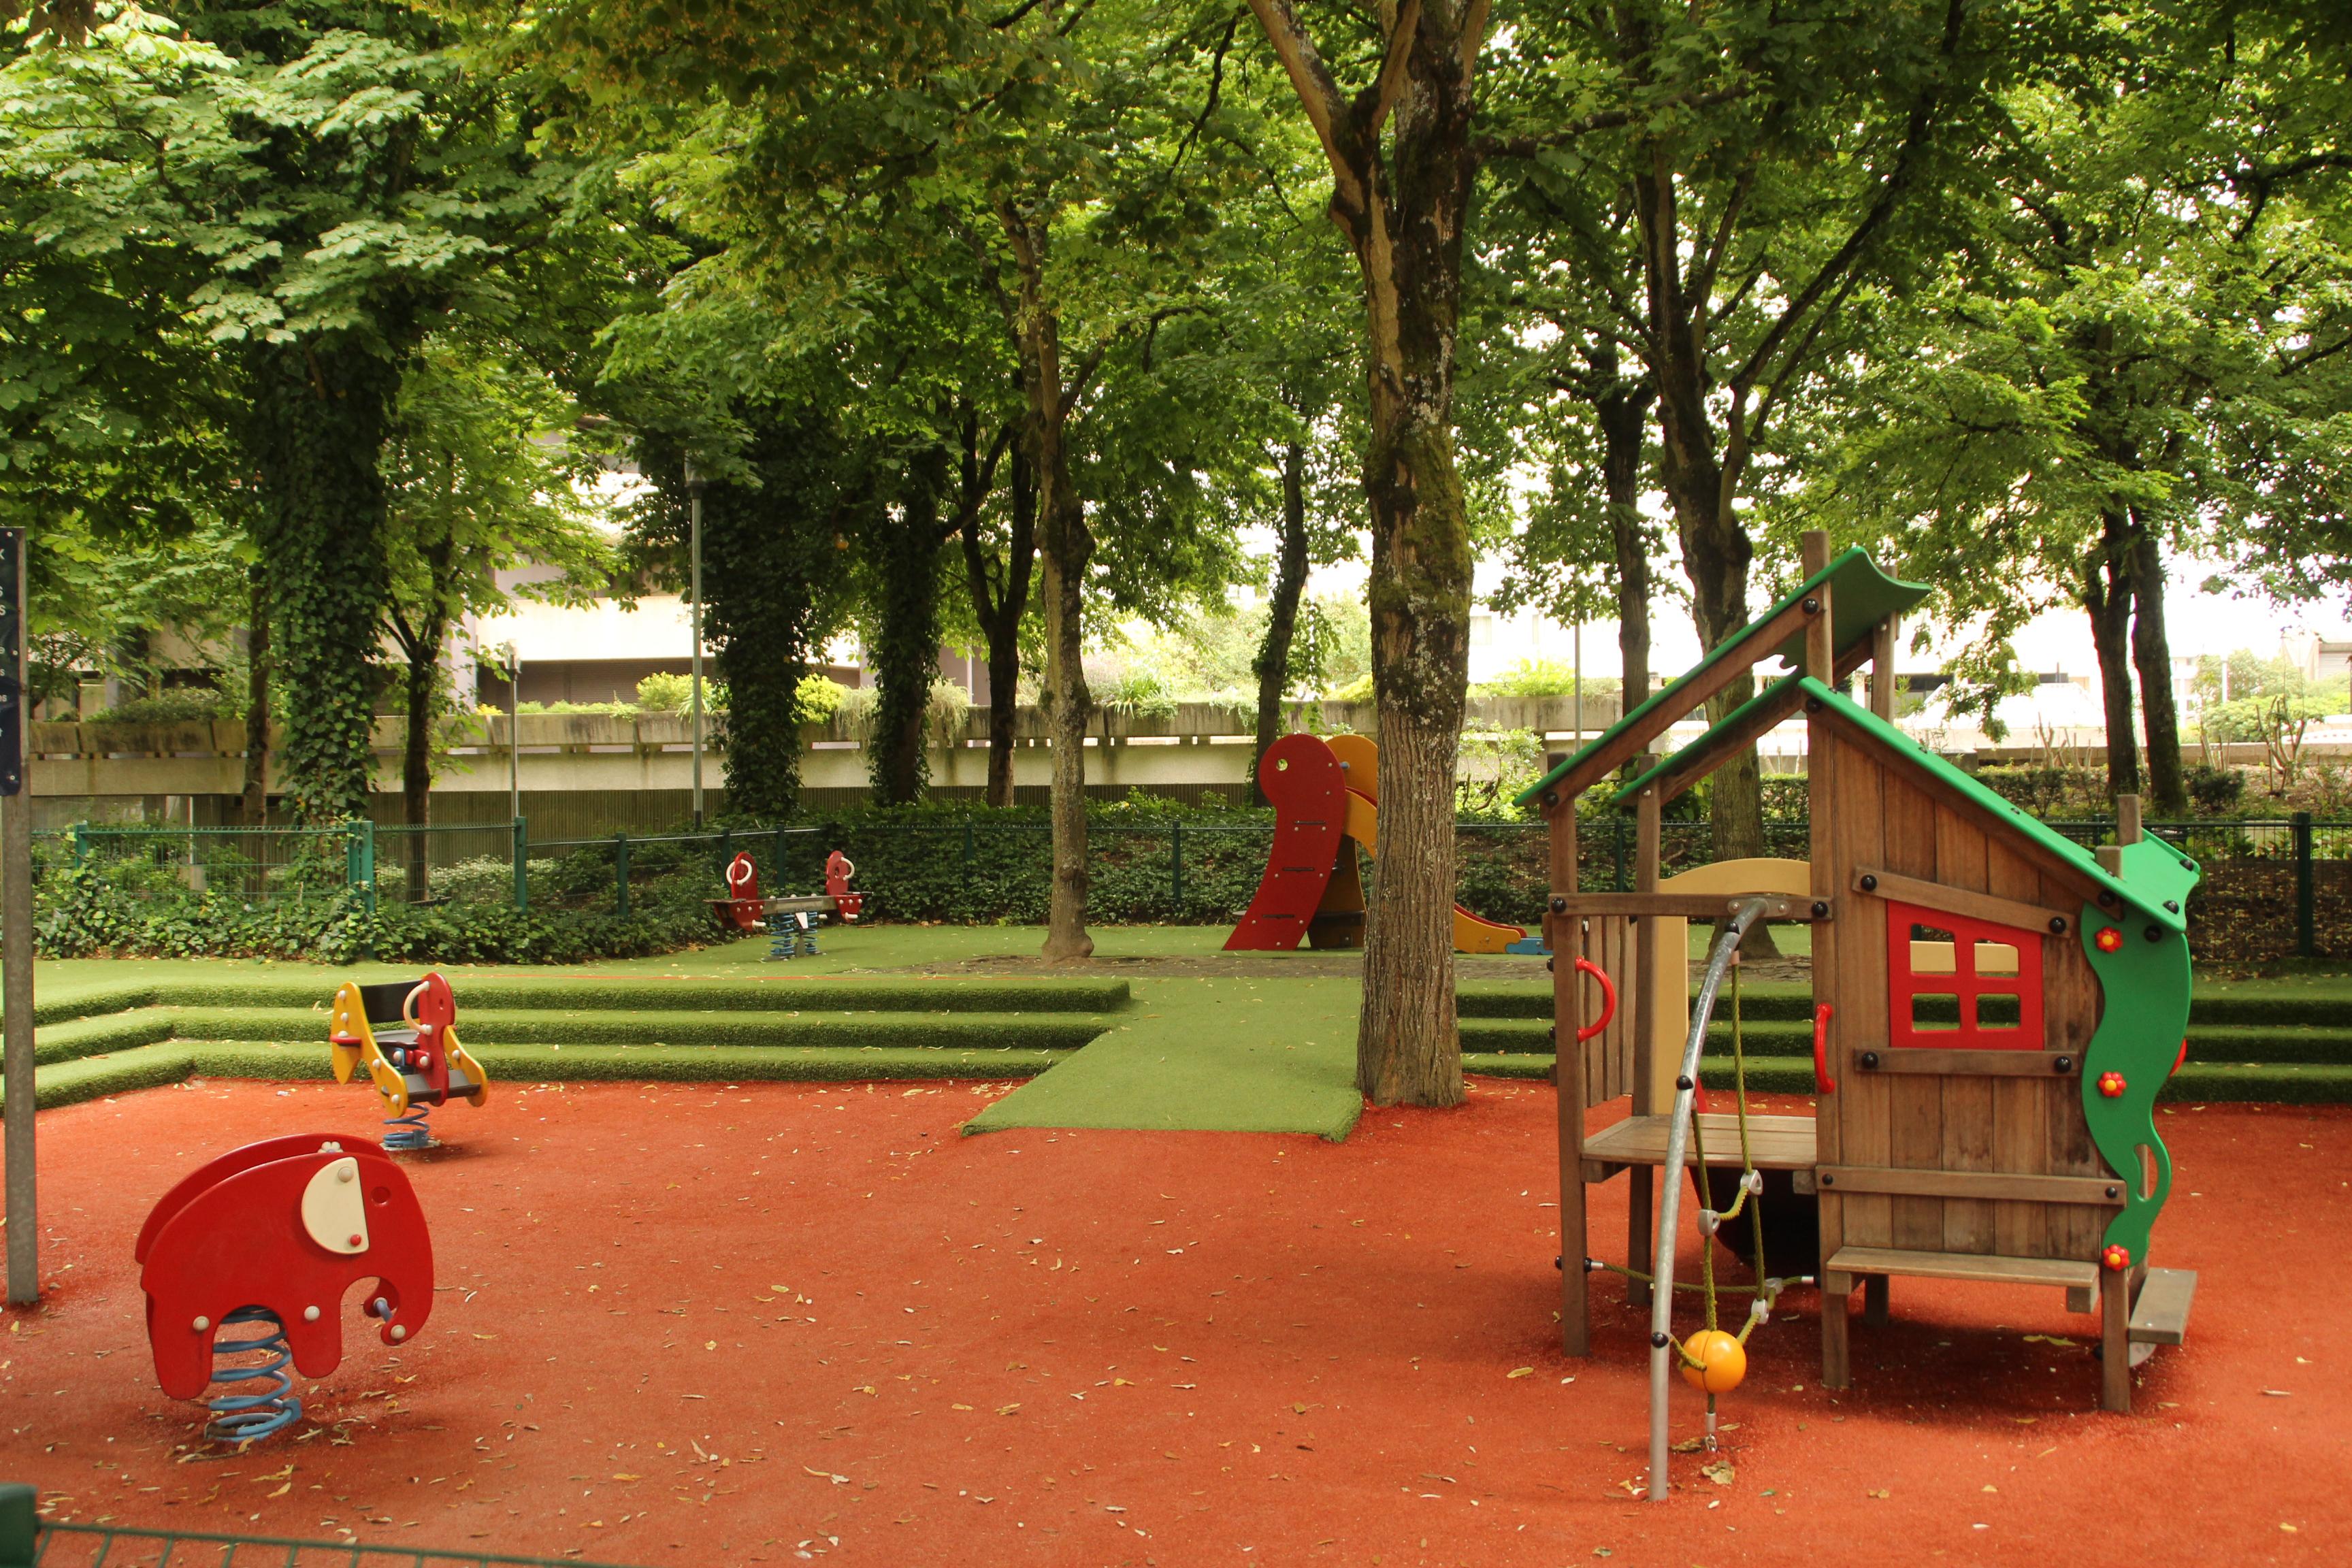 L'esplanade Charles de Gaulle a été rénovée durant le dernier mandat d'Alain Juppé. Une réussite selon les parents.